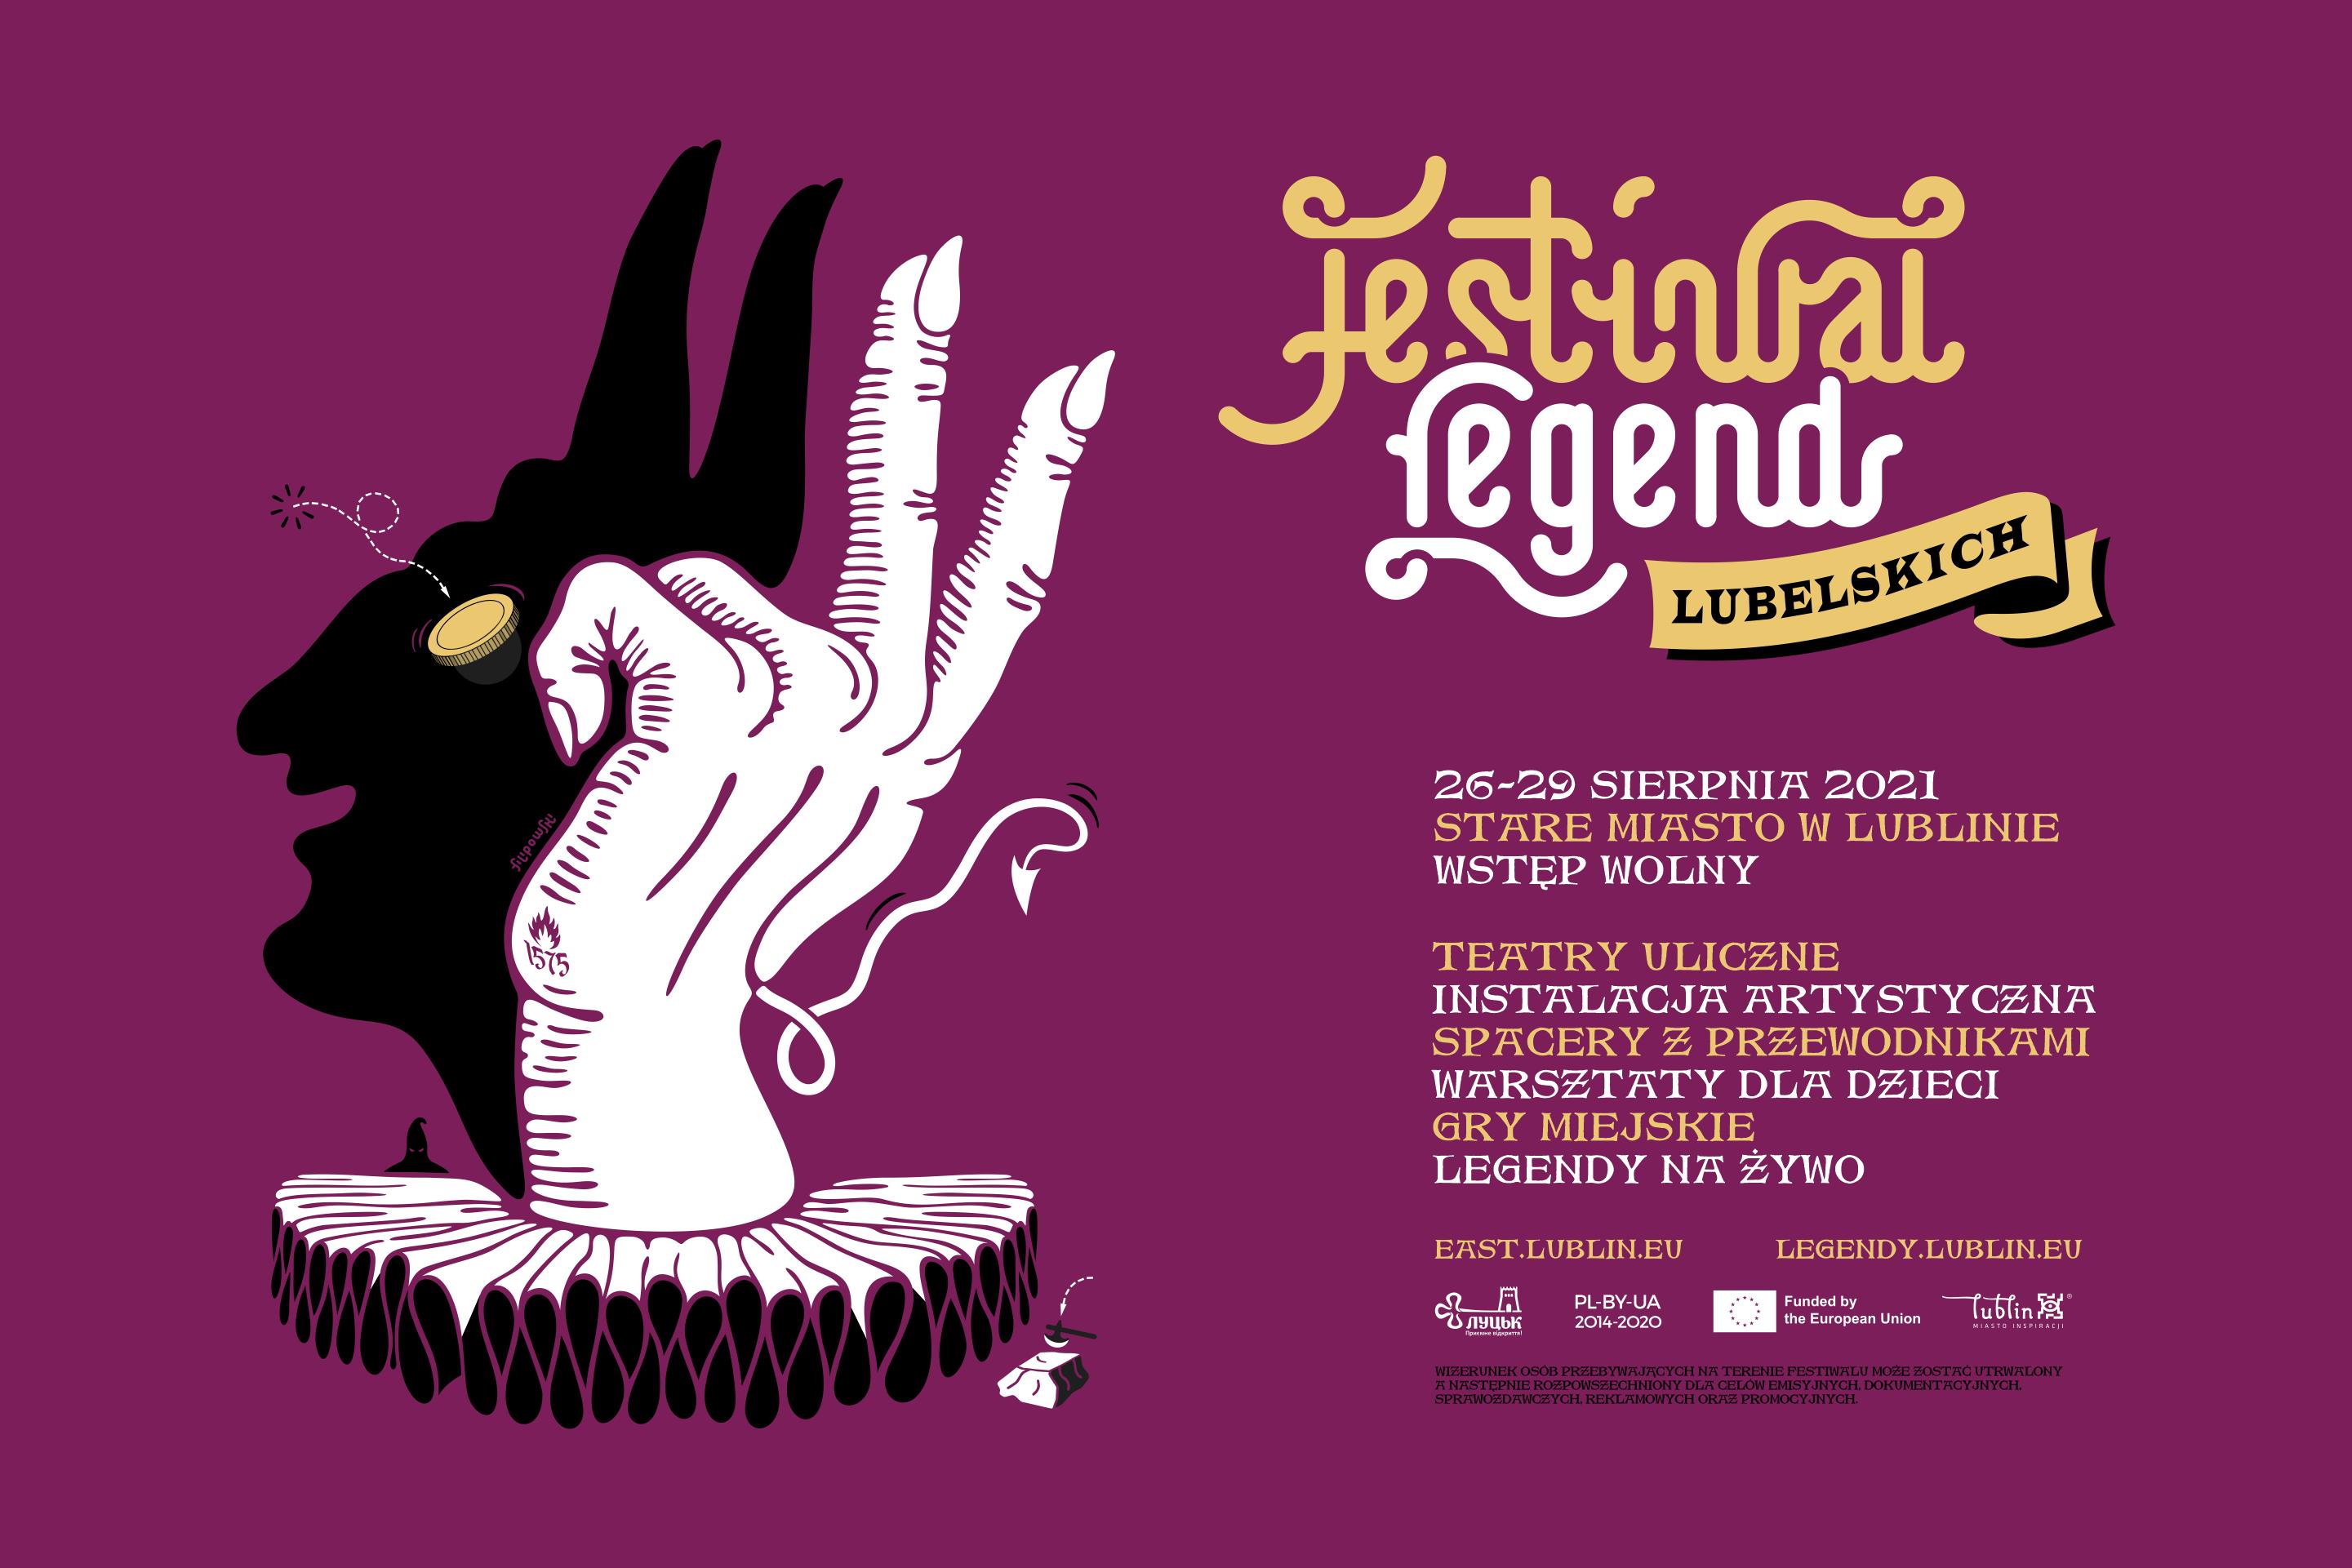 Lublin: Zbliża się Festiwal Legend Lubelskich. Znamy program - Zdjęcie główne